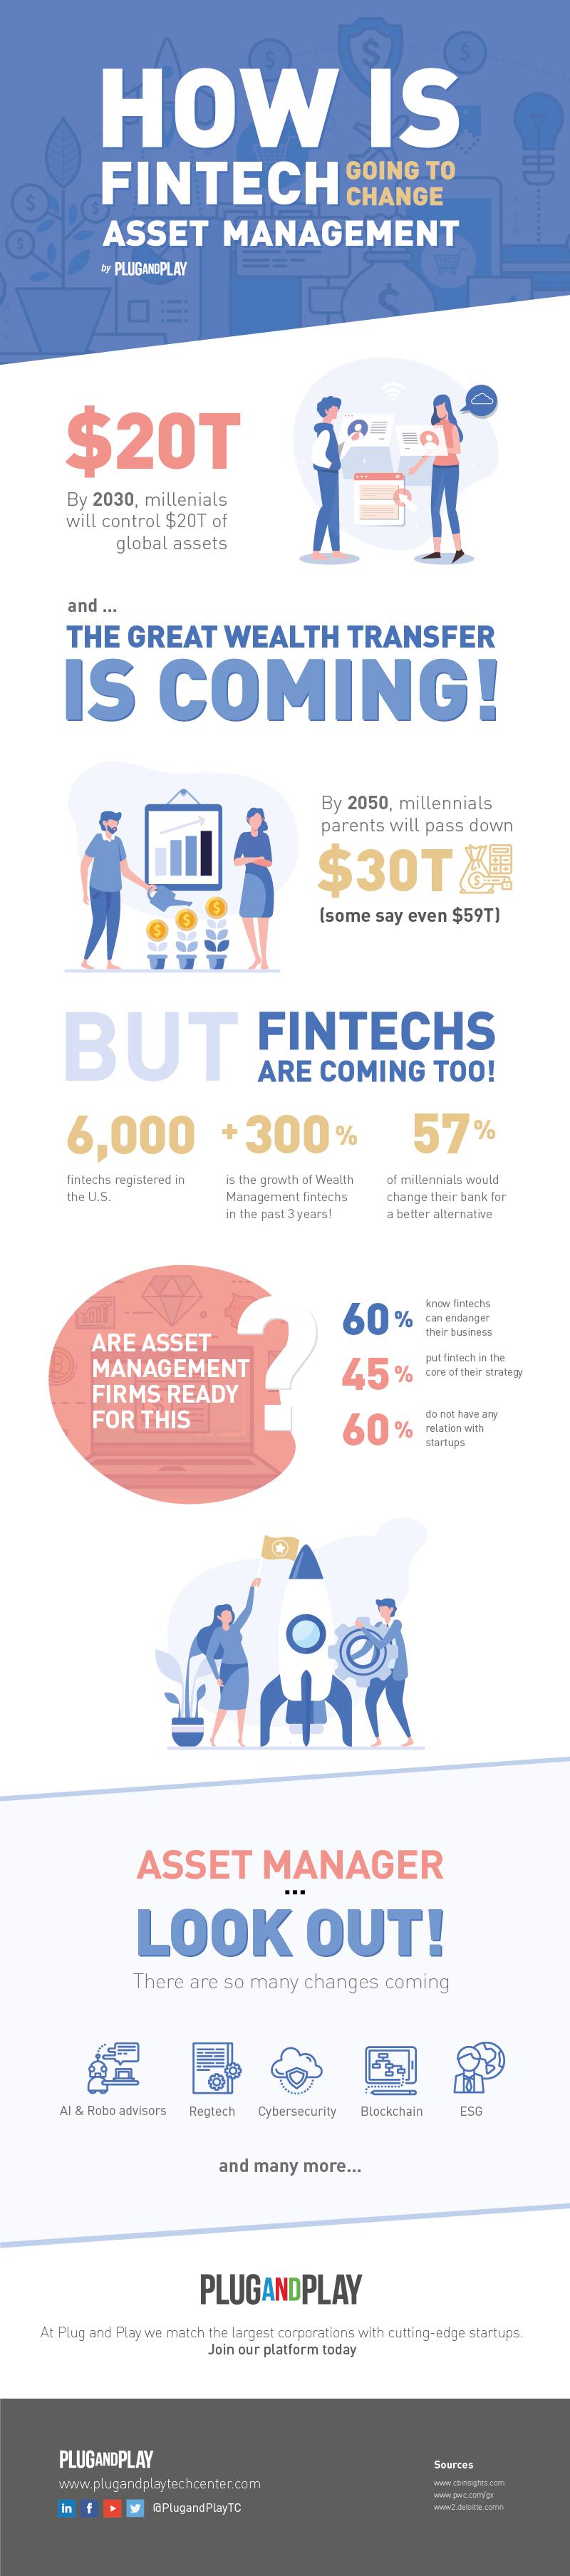 Infographic fintech asset management